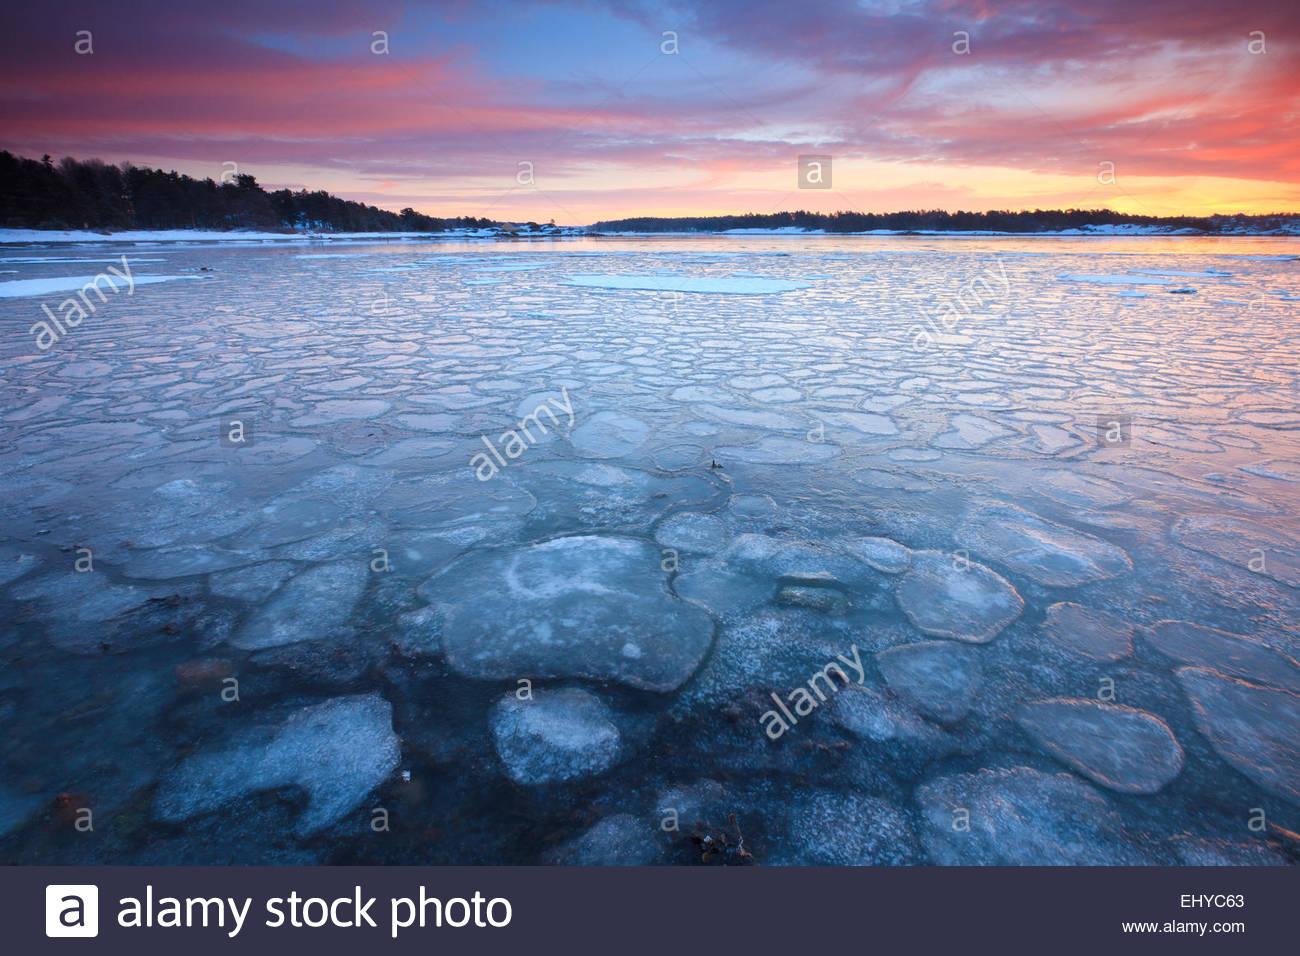 Eisigen Wasser und Winter Sonnenaufgang am Ofen in Råde Kommune, Oslofjorden, Østfold Fylke, Norwegen. Stockbild